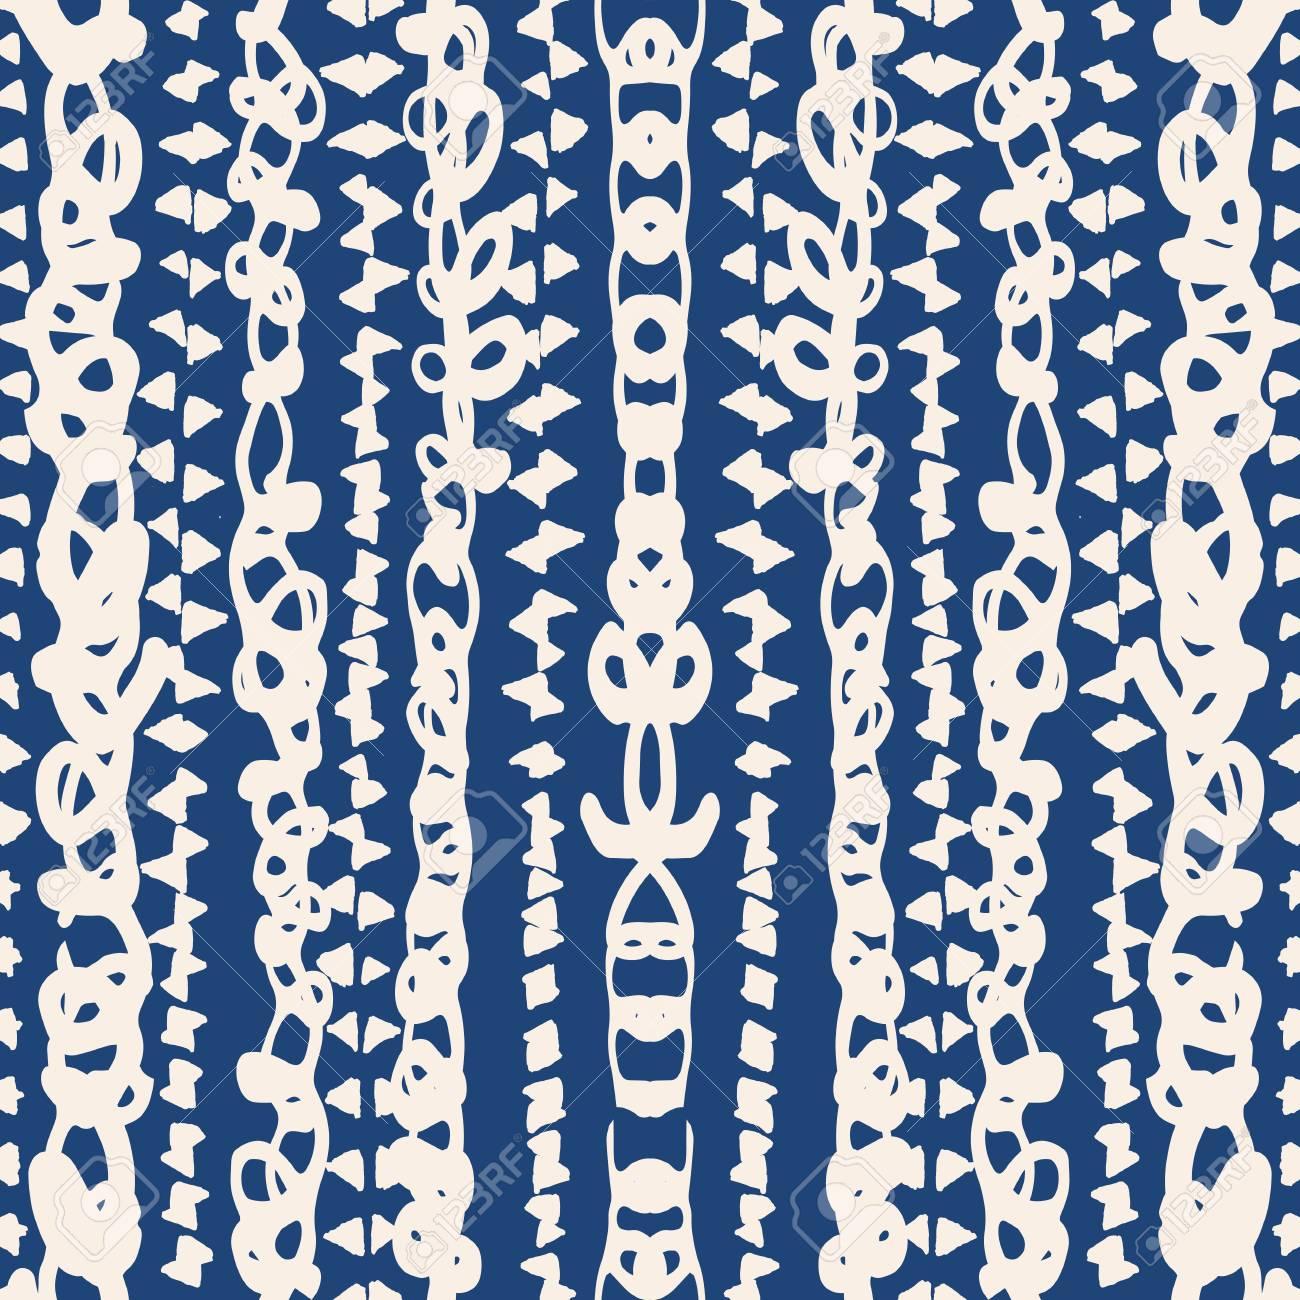 Tie Dye Aquarelle Transparente Motif Impression De Shibori Japonais De Vecteur Carrelage Geometrique Sans Fin Minimal Texture Organique J Clip Art Libres De Droits Vecteurs Et Illustration Image 97209060